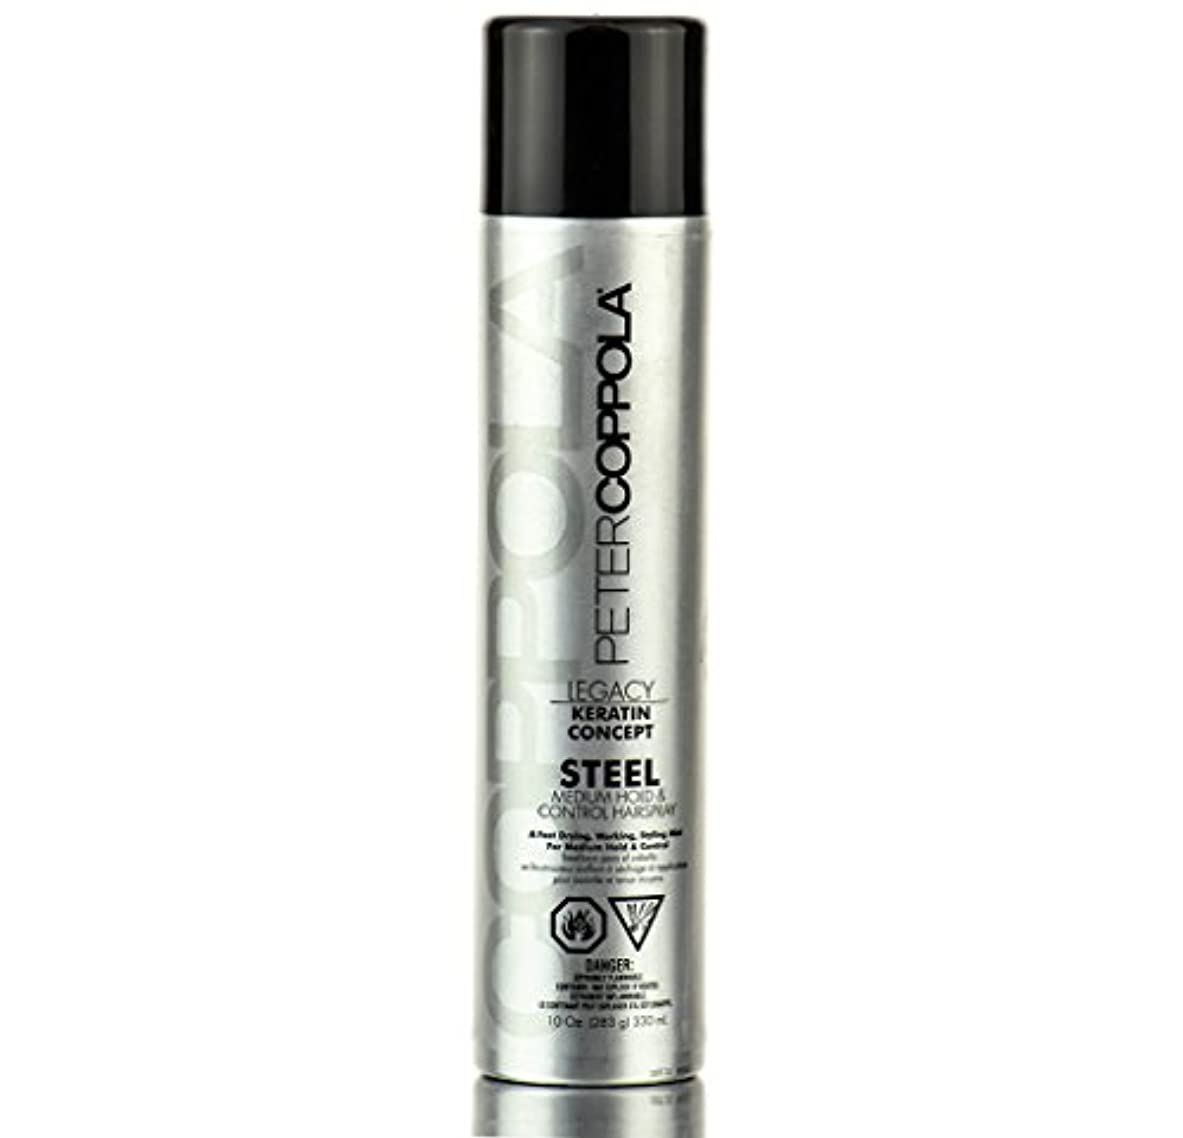 石の効率義務Peter Coppola スチールヘアスプレー - 軽量、ミディアムホールド、柔軟なホールドは、スタイリングヘアボリューム&スタイリングのすべての髪のタイプを追加するための10オンスミディアムシャインスプレー medium_hold